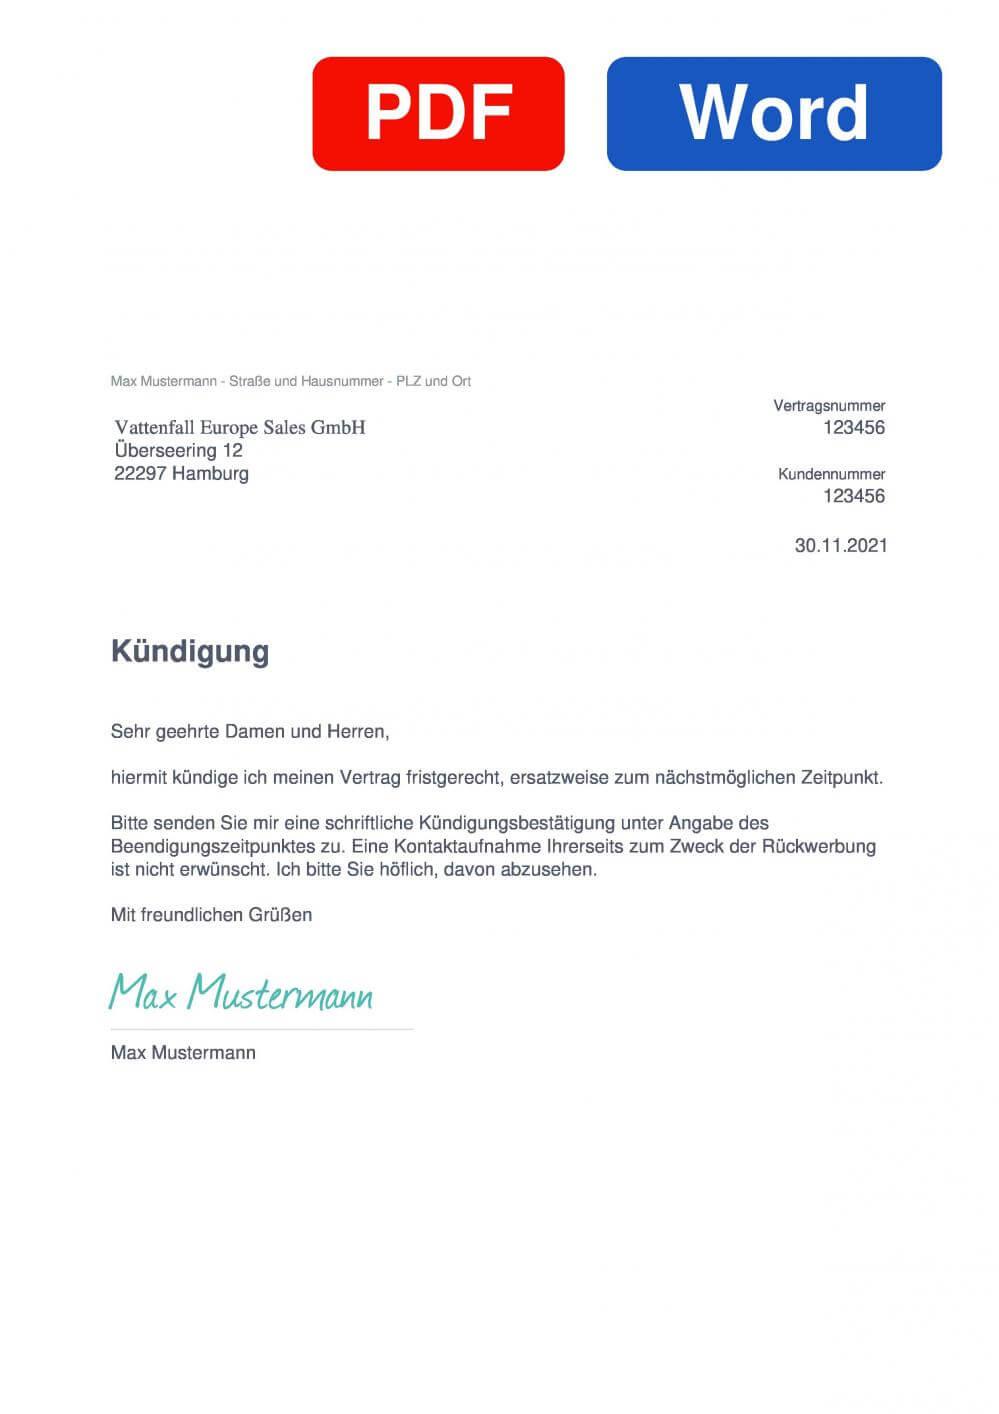 Vattenfall Strom Muster Vorlage für Kündigungsschreiben